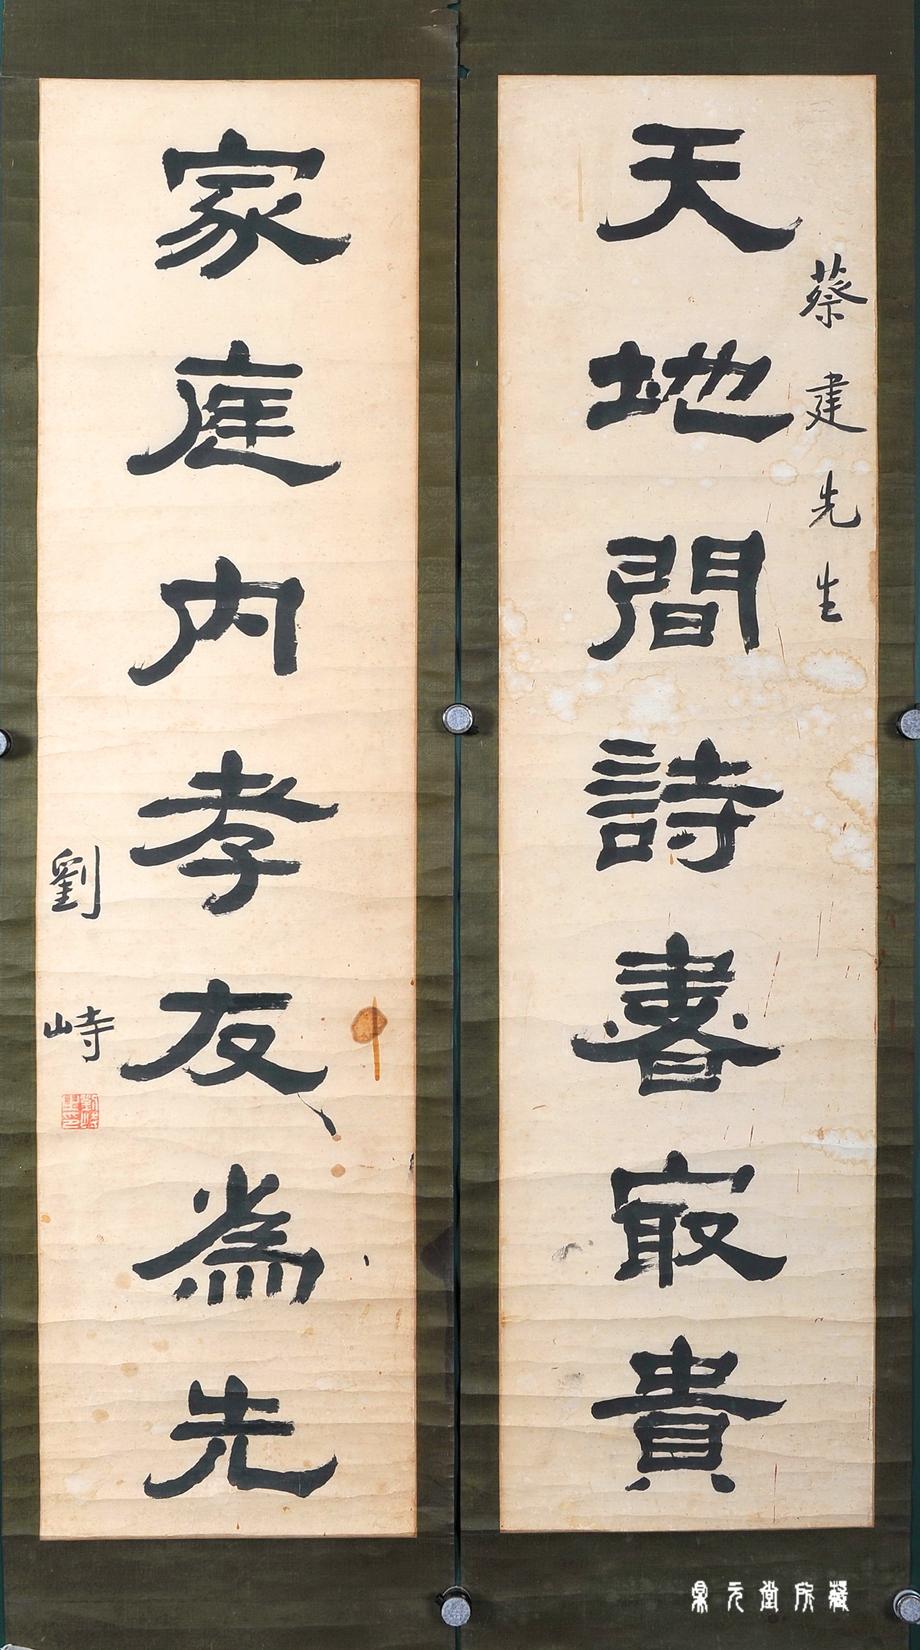 上將-劉峙書法-920.jpg